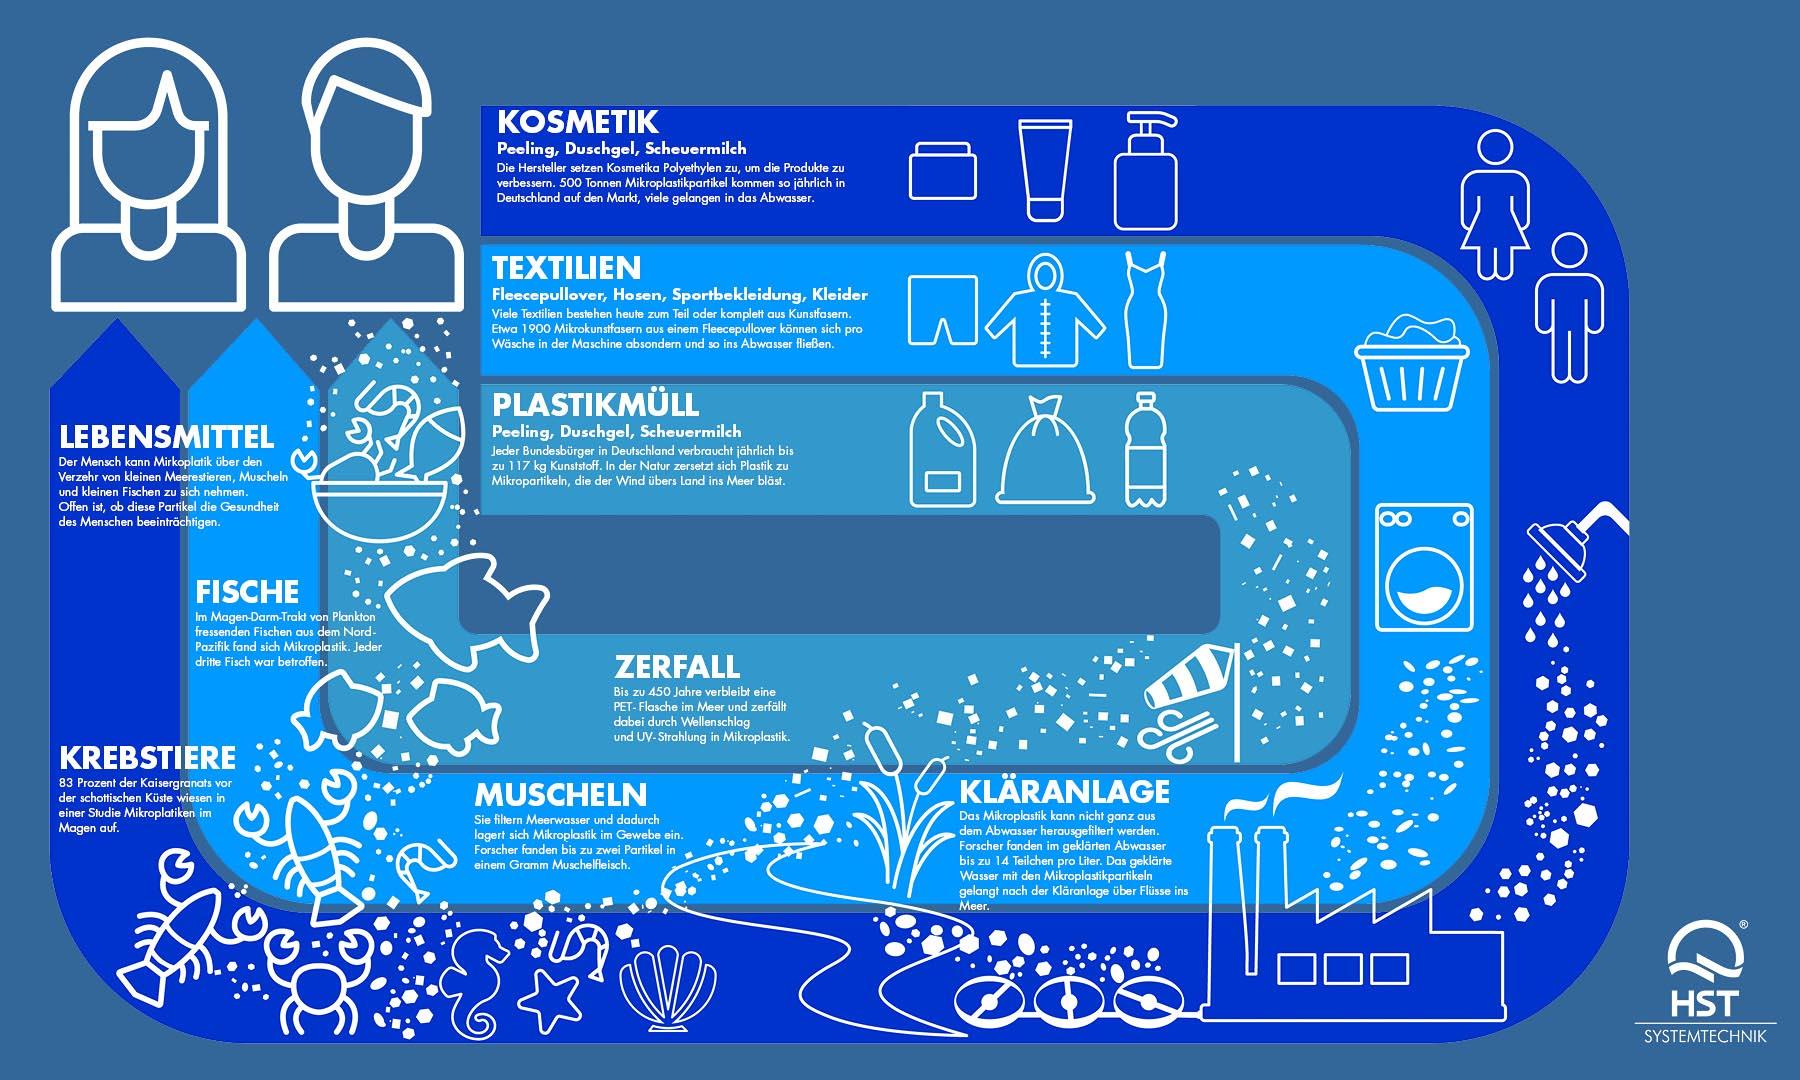 Viel schwerer einzuschätzen als das Makroplastik (in Form von Flaschen zum Beispiel) ist Mikroplastik, da der Mensch es über Fisch und Meeresfrüchte zu sich nimmt, die es im Laufe ihres Lebens in ihrem Gewebe angereichert haben. Jeder dritte Fisch, der Plankton zu sich nimmt, ist davon betroffen, ebenso wie Muscheln, die laufend Meerwasser filtern. Das Mikroplastik kann auch nicht ganz aus dem Abwasser herausgefiltert werden. Bis zu 14 Teilchen davon fanden Forscher pro Liter geklärtem Abwasser.